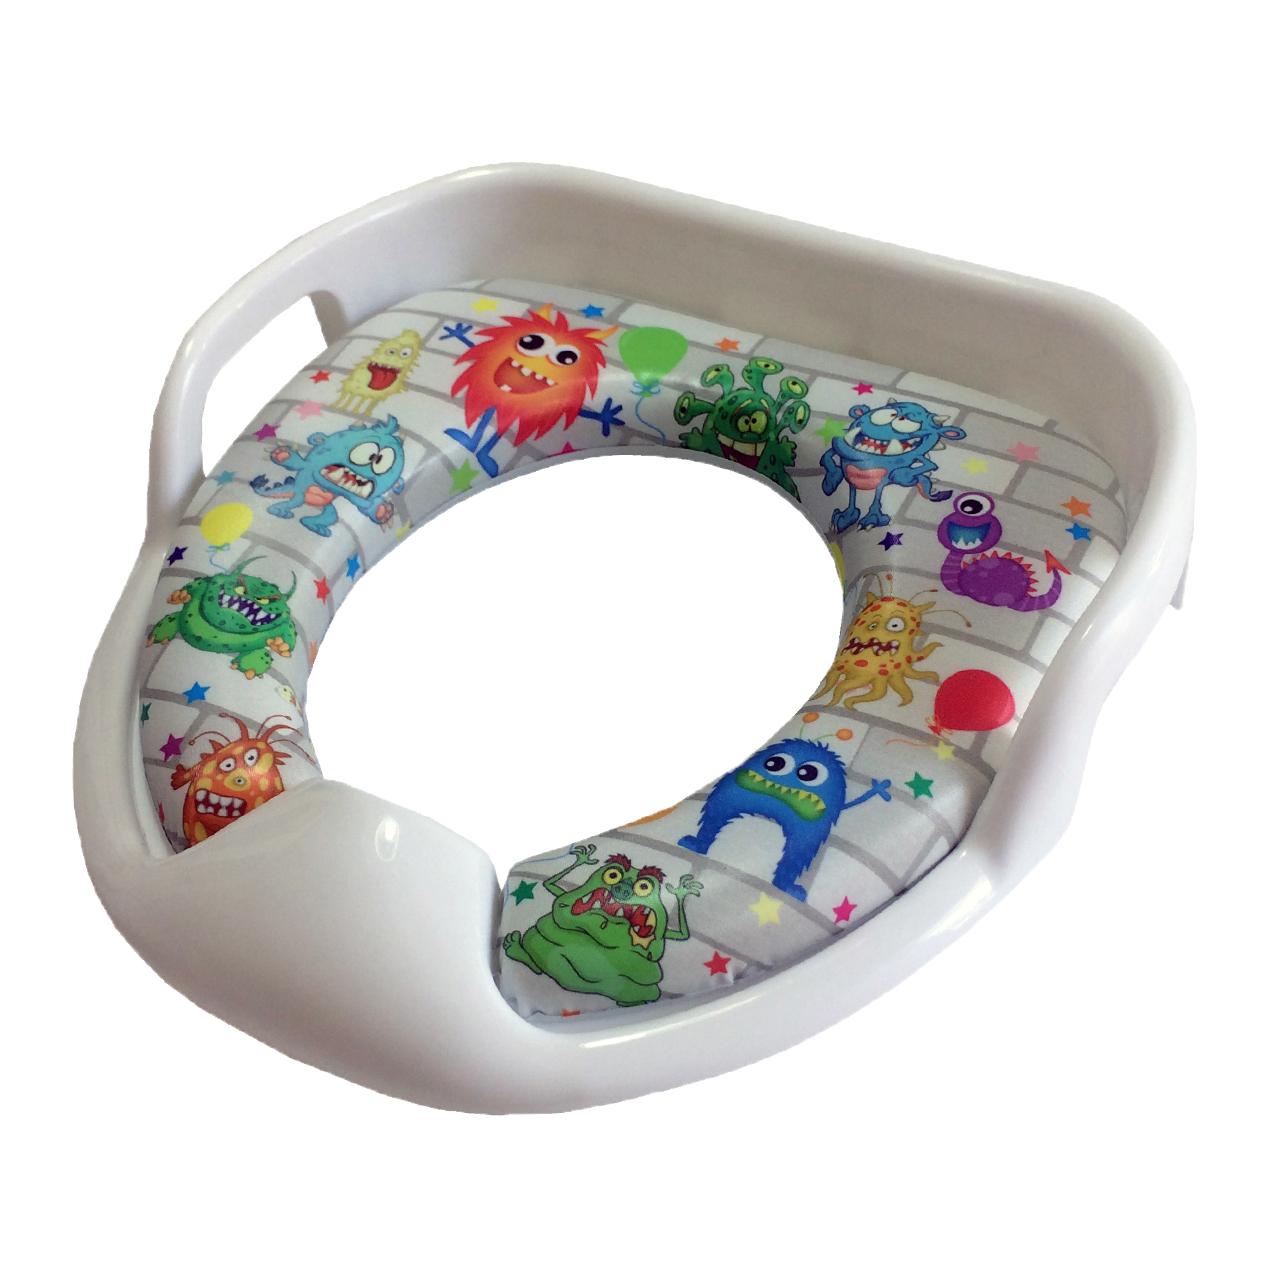 تبدیل توالت فرنگی کودک طرح Germs کد PK-H316